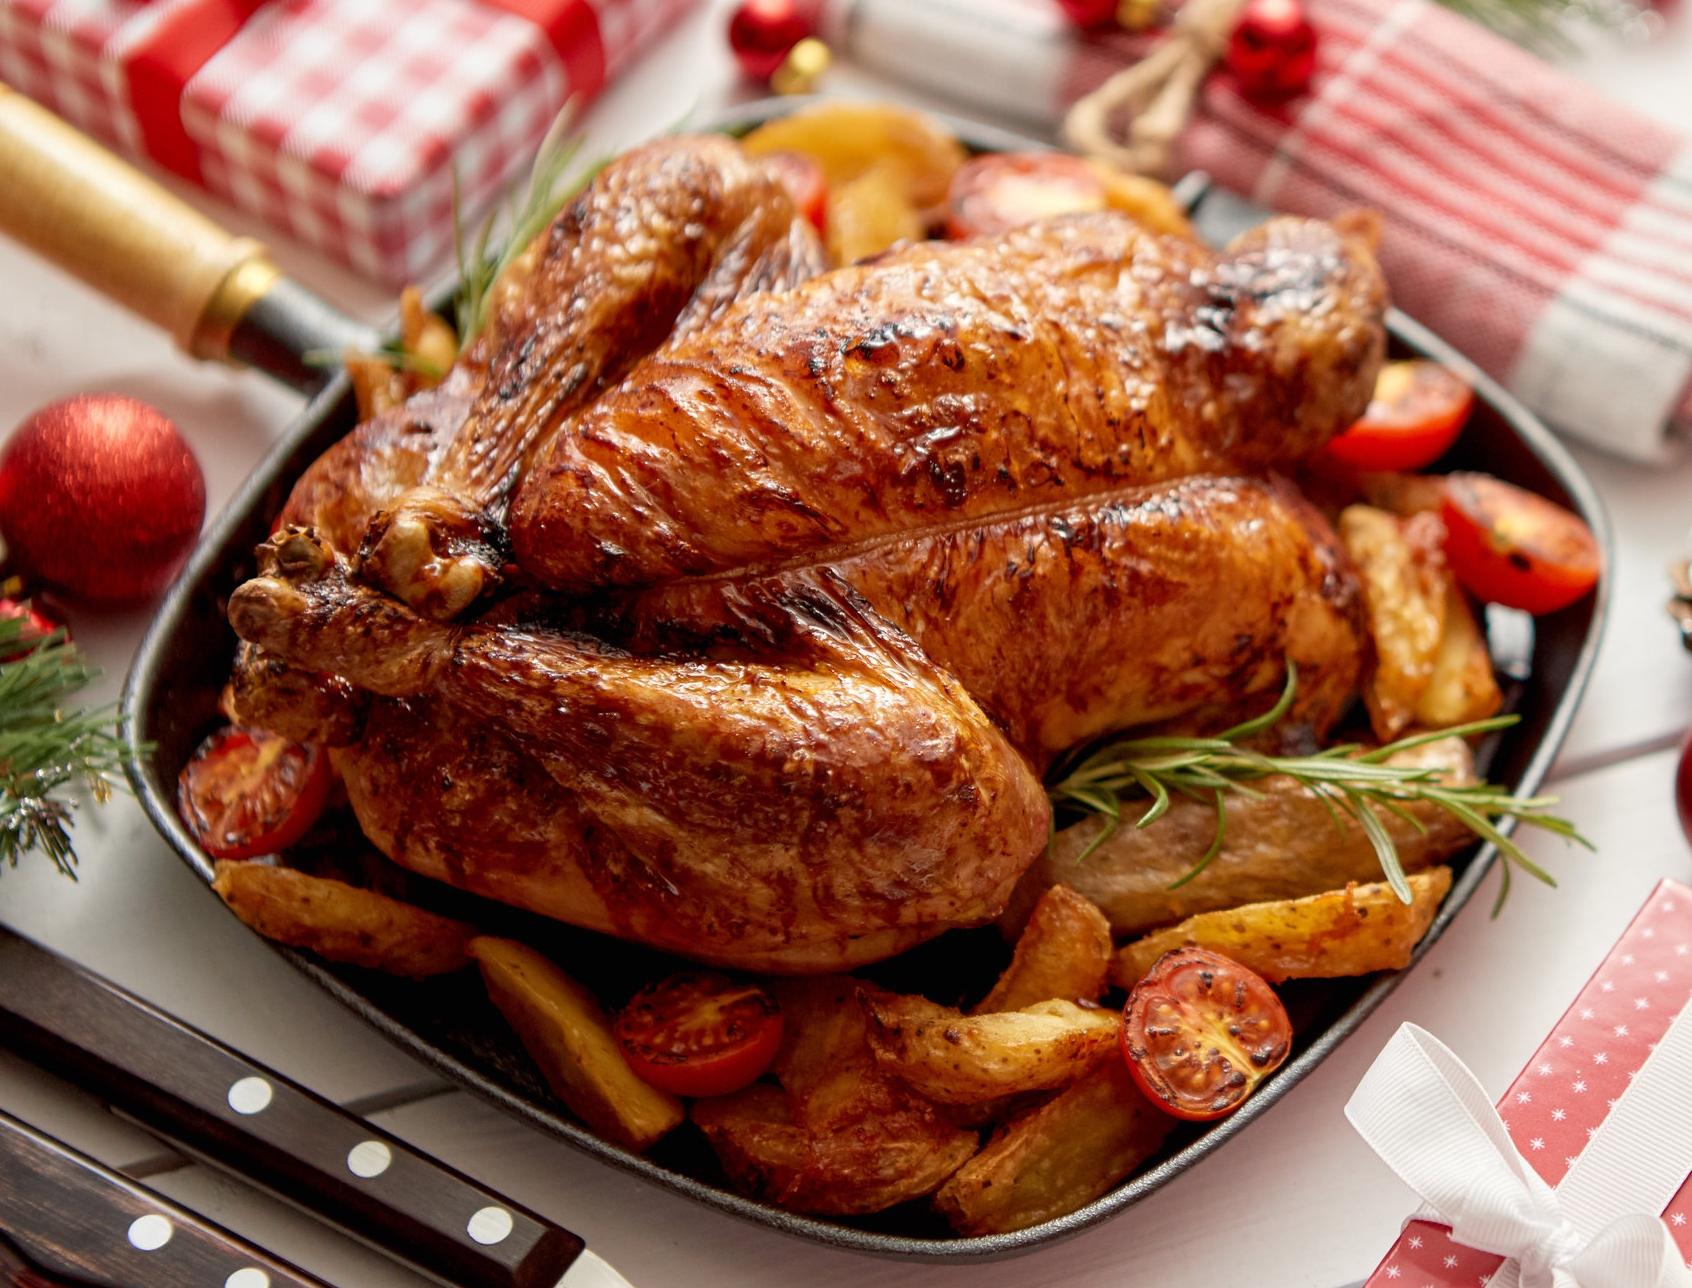 Every $35 is a hand-delivered meal Including - Turkey5 Lbs Bag PotatoesLarge Bag VegetablesLarge Bag RollsLarge Pie – Local Bakery